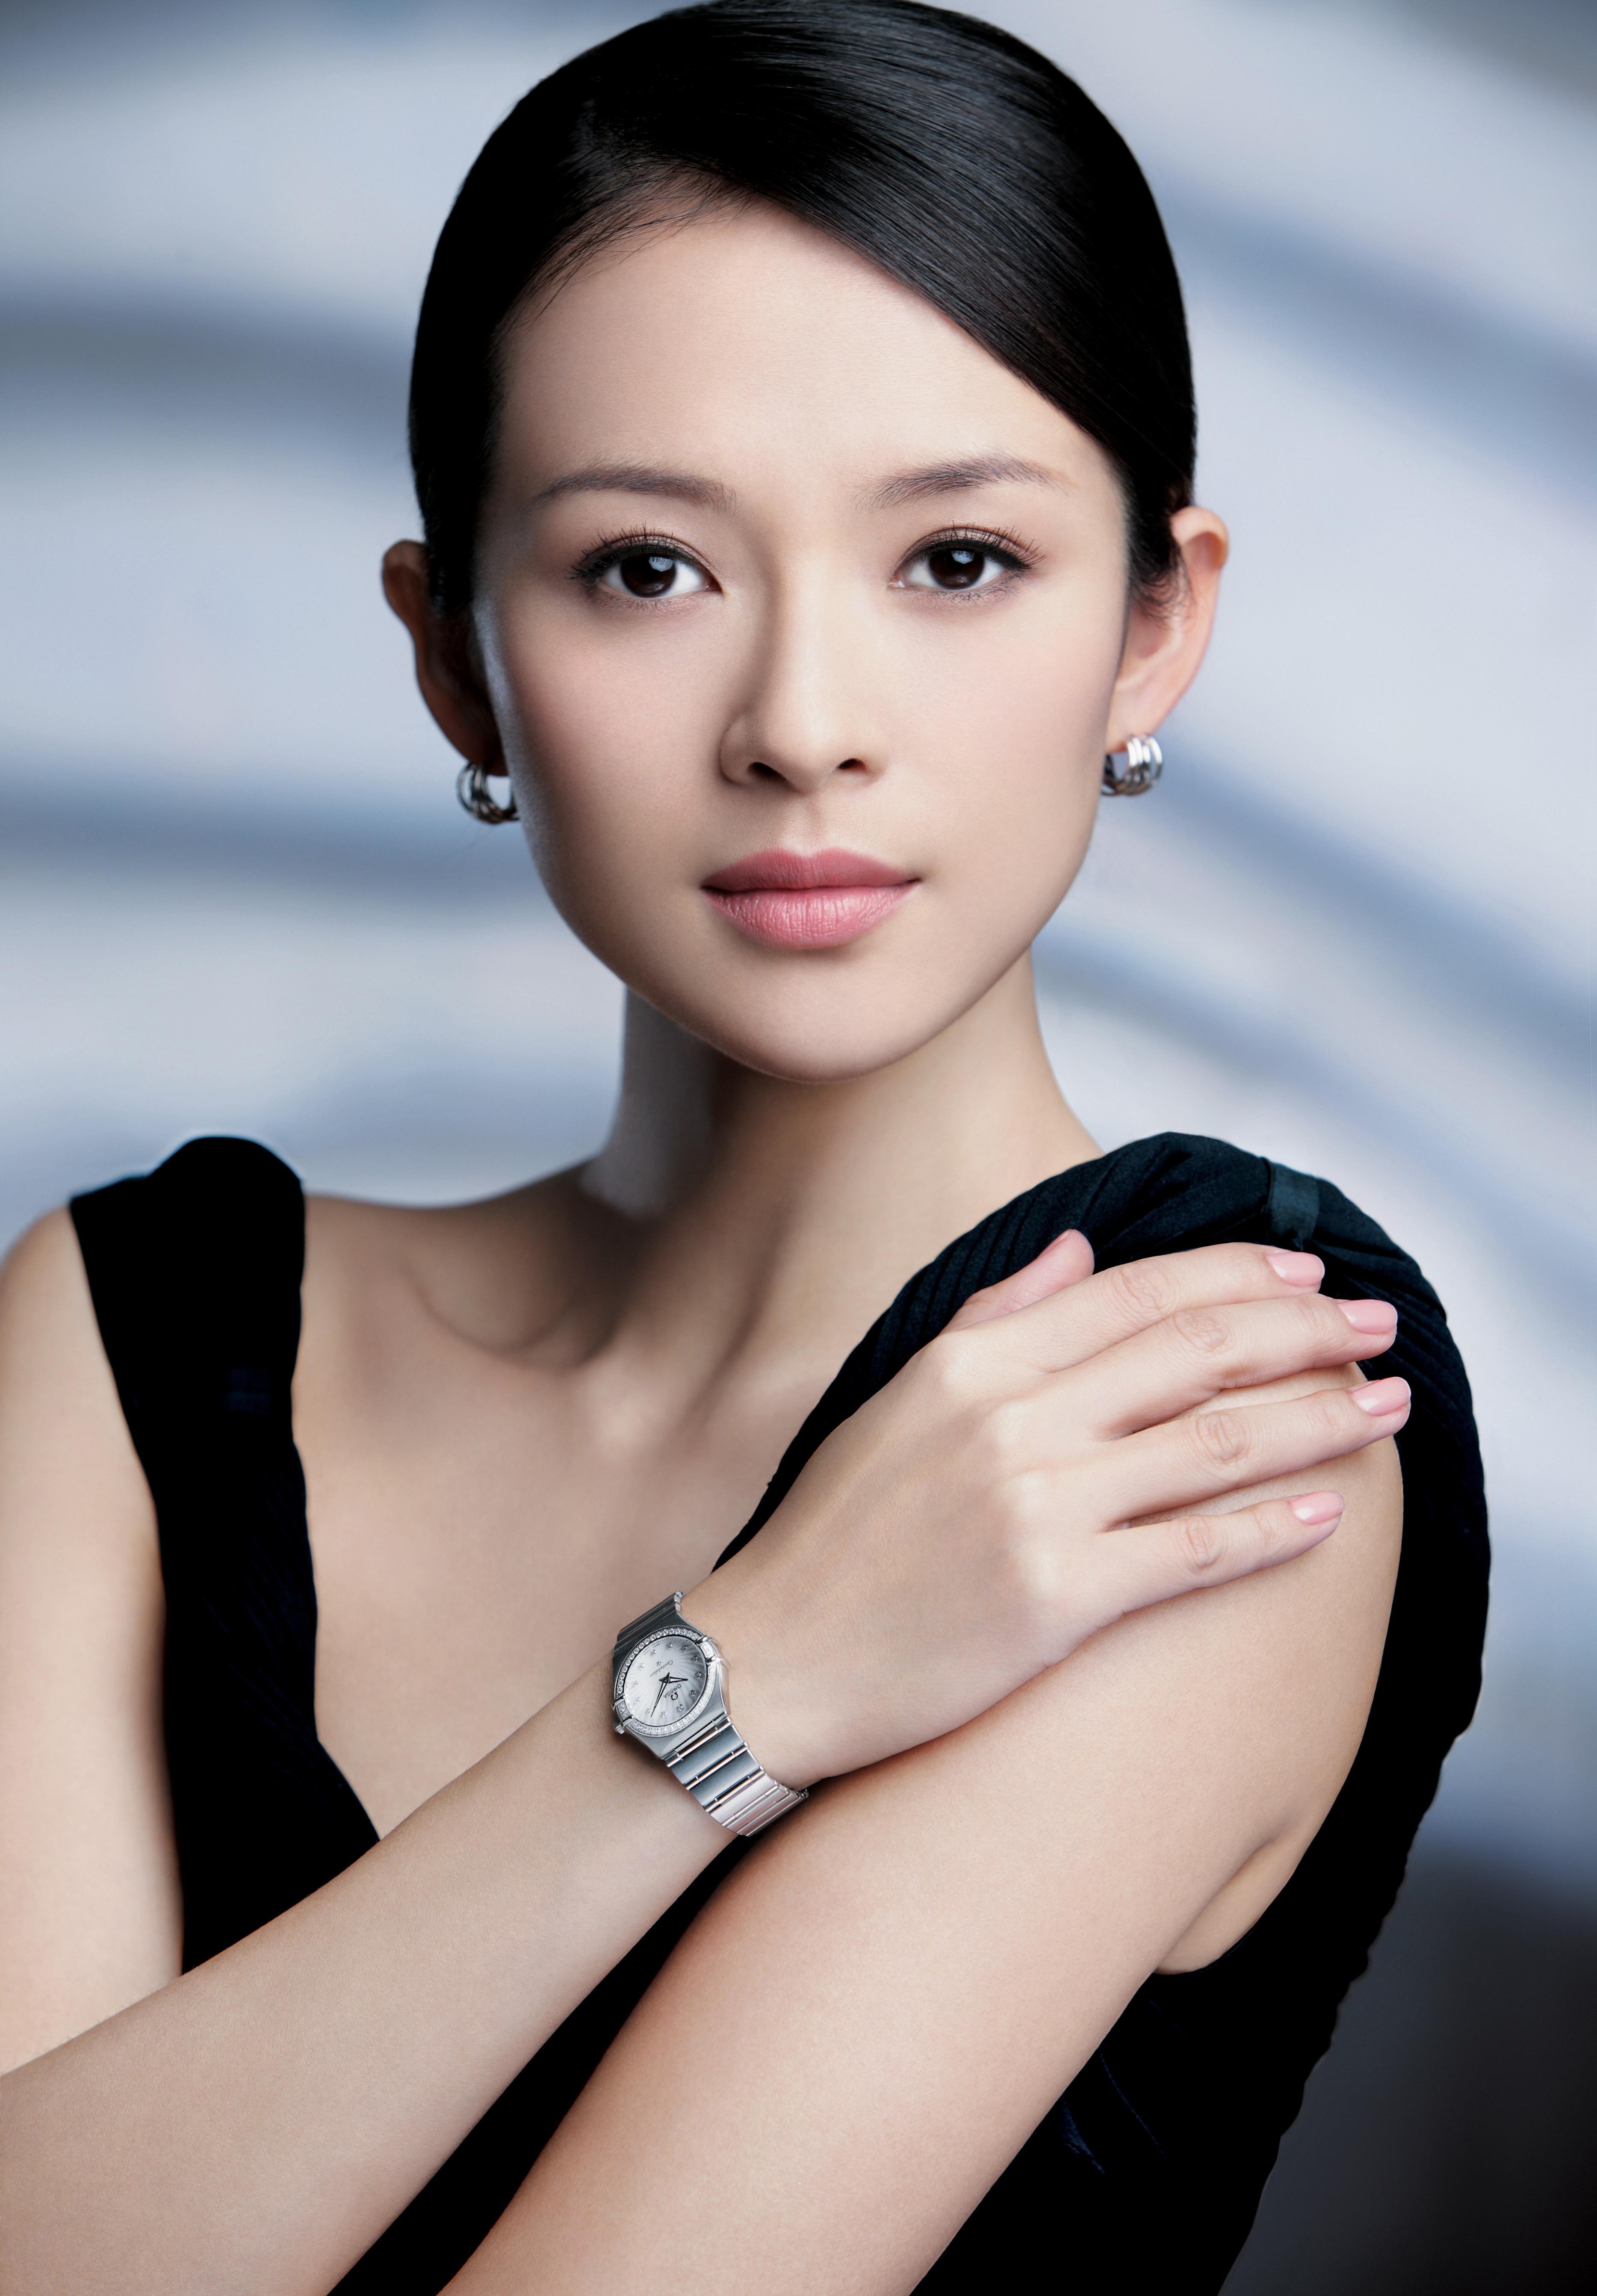 китаянка на ракоме фото все еще